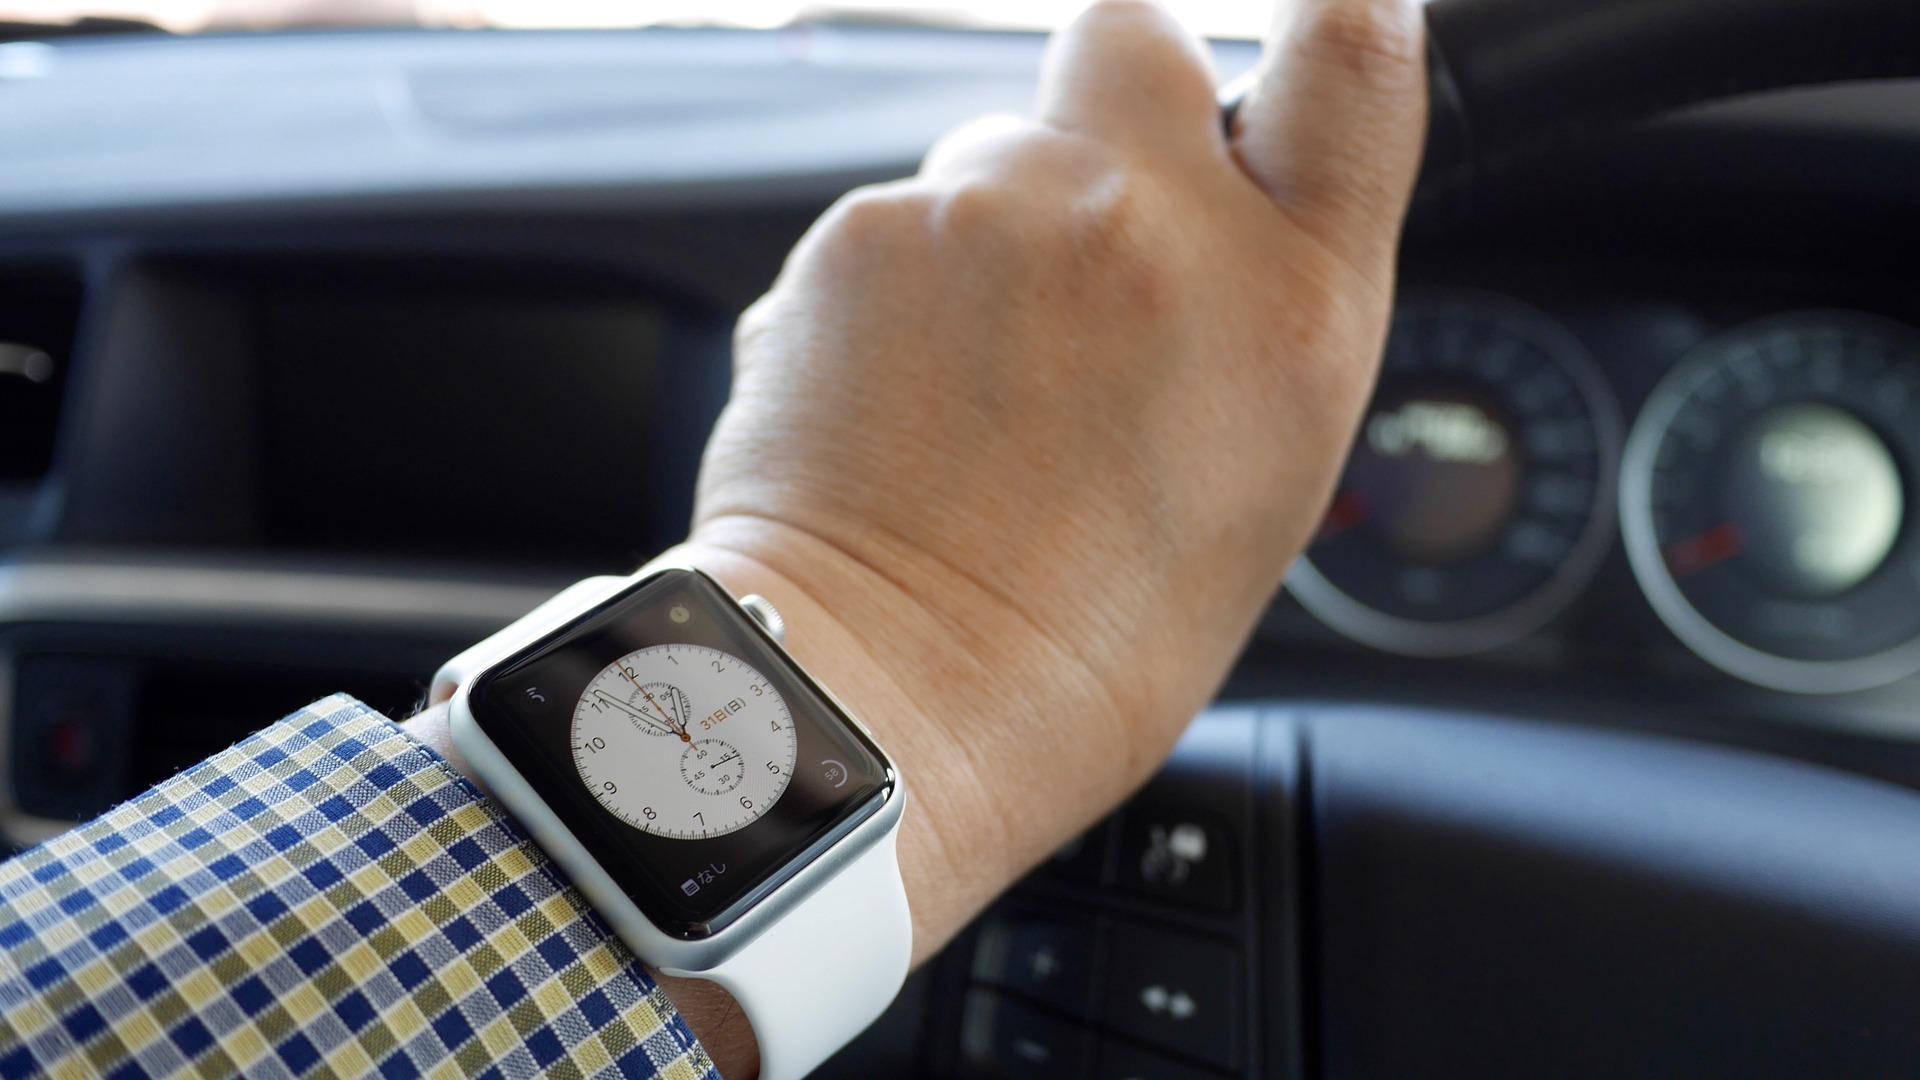 apple-watch-792287_1920